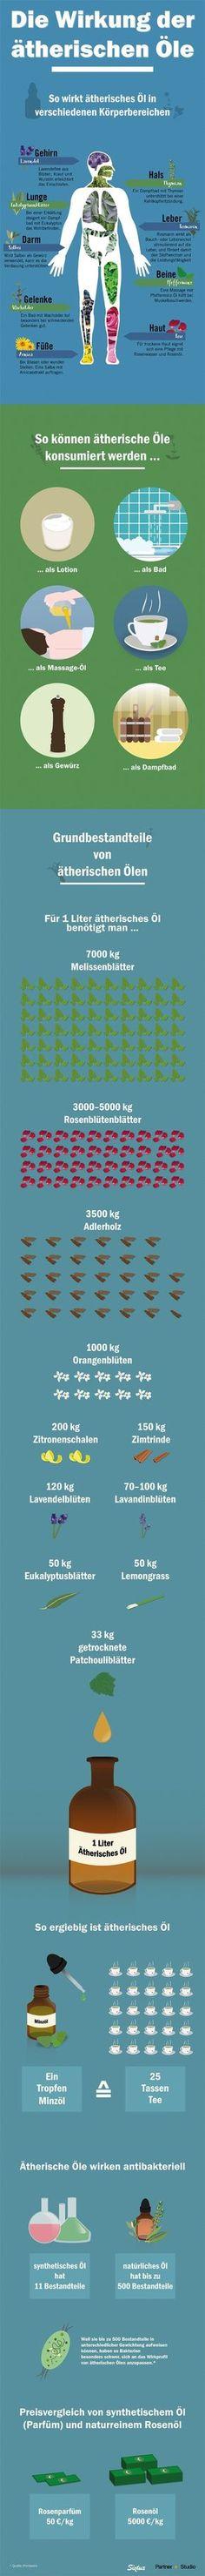 Unausgeschlafen, verspannt oder angeschlagen? Gemeinsam mit Sixtus zeigen wir dir in dieser Infografik, dass schon kleinste Mengen an natürlichem ätherischen Öl deinen Körper fit machen und sogar Bakterien bekämpfen können.